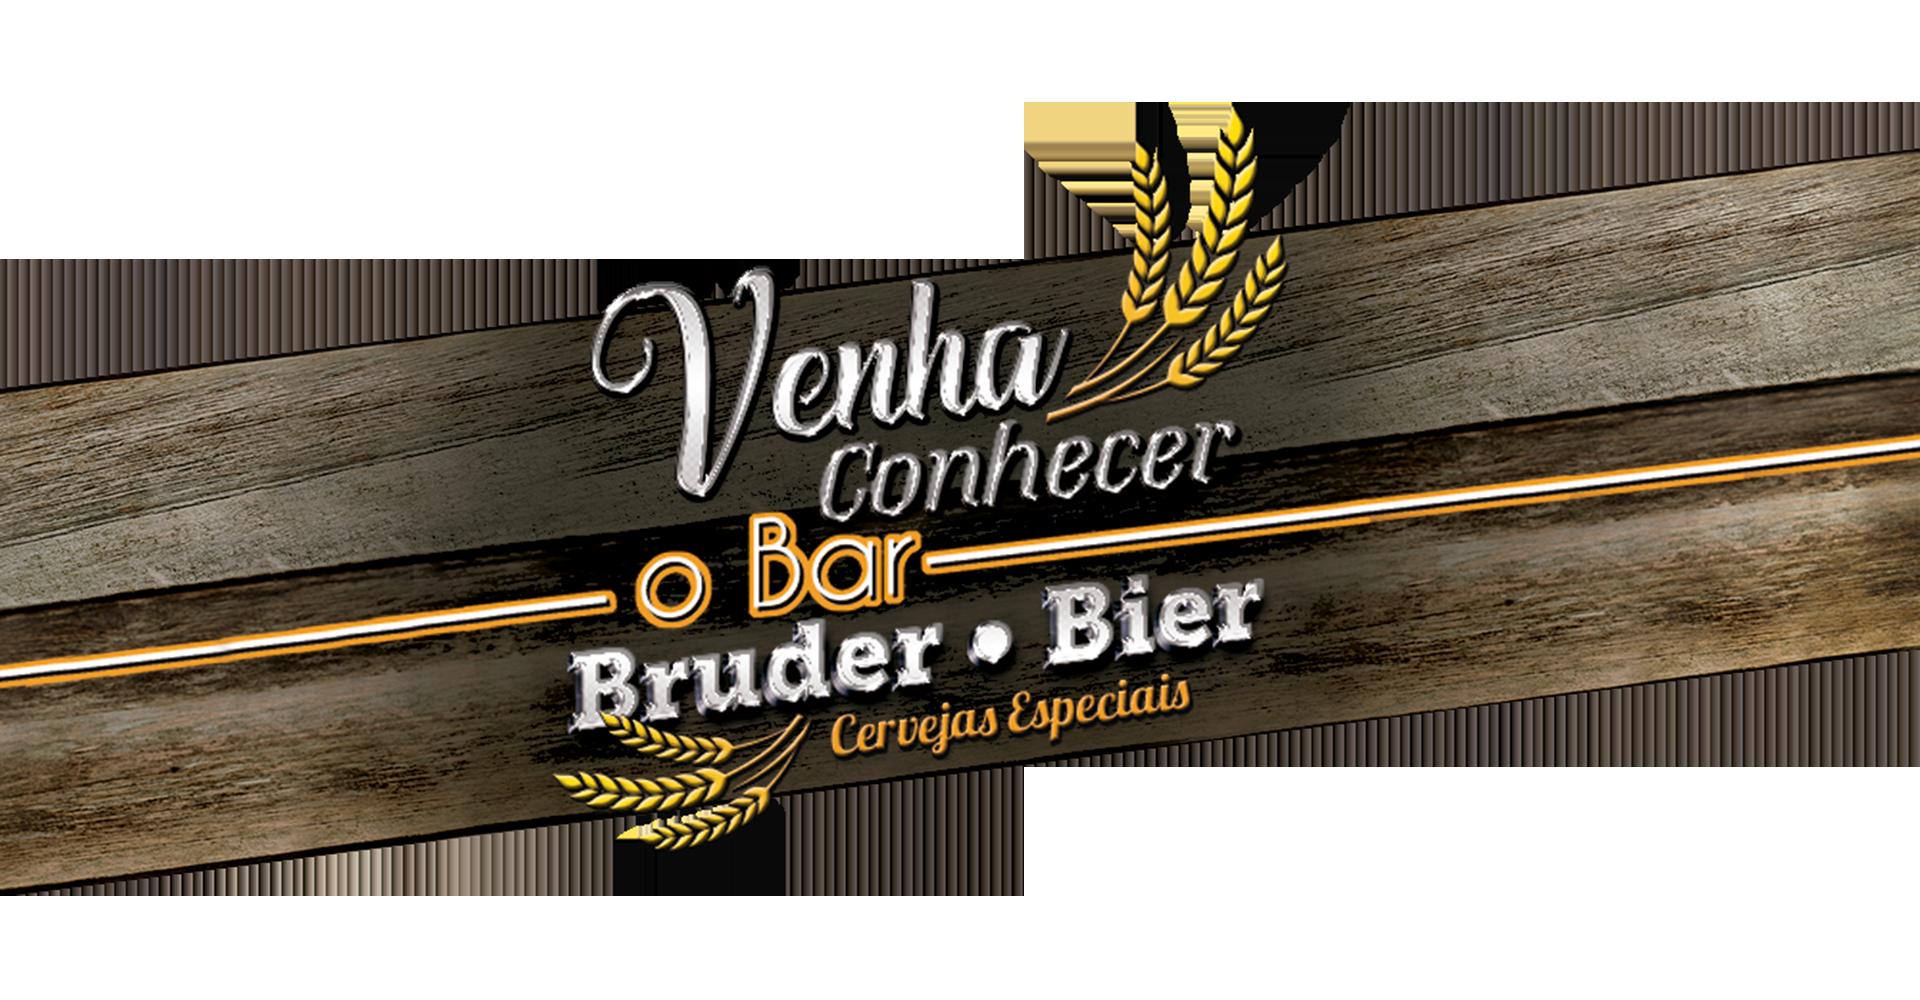 bruder-bier-cervejas-especiais-faixa